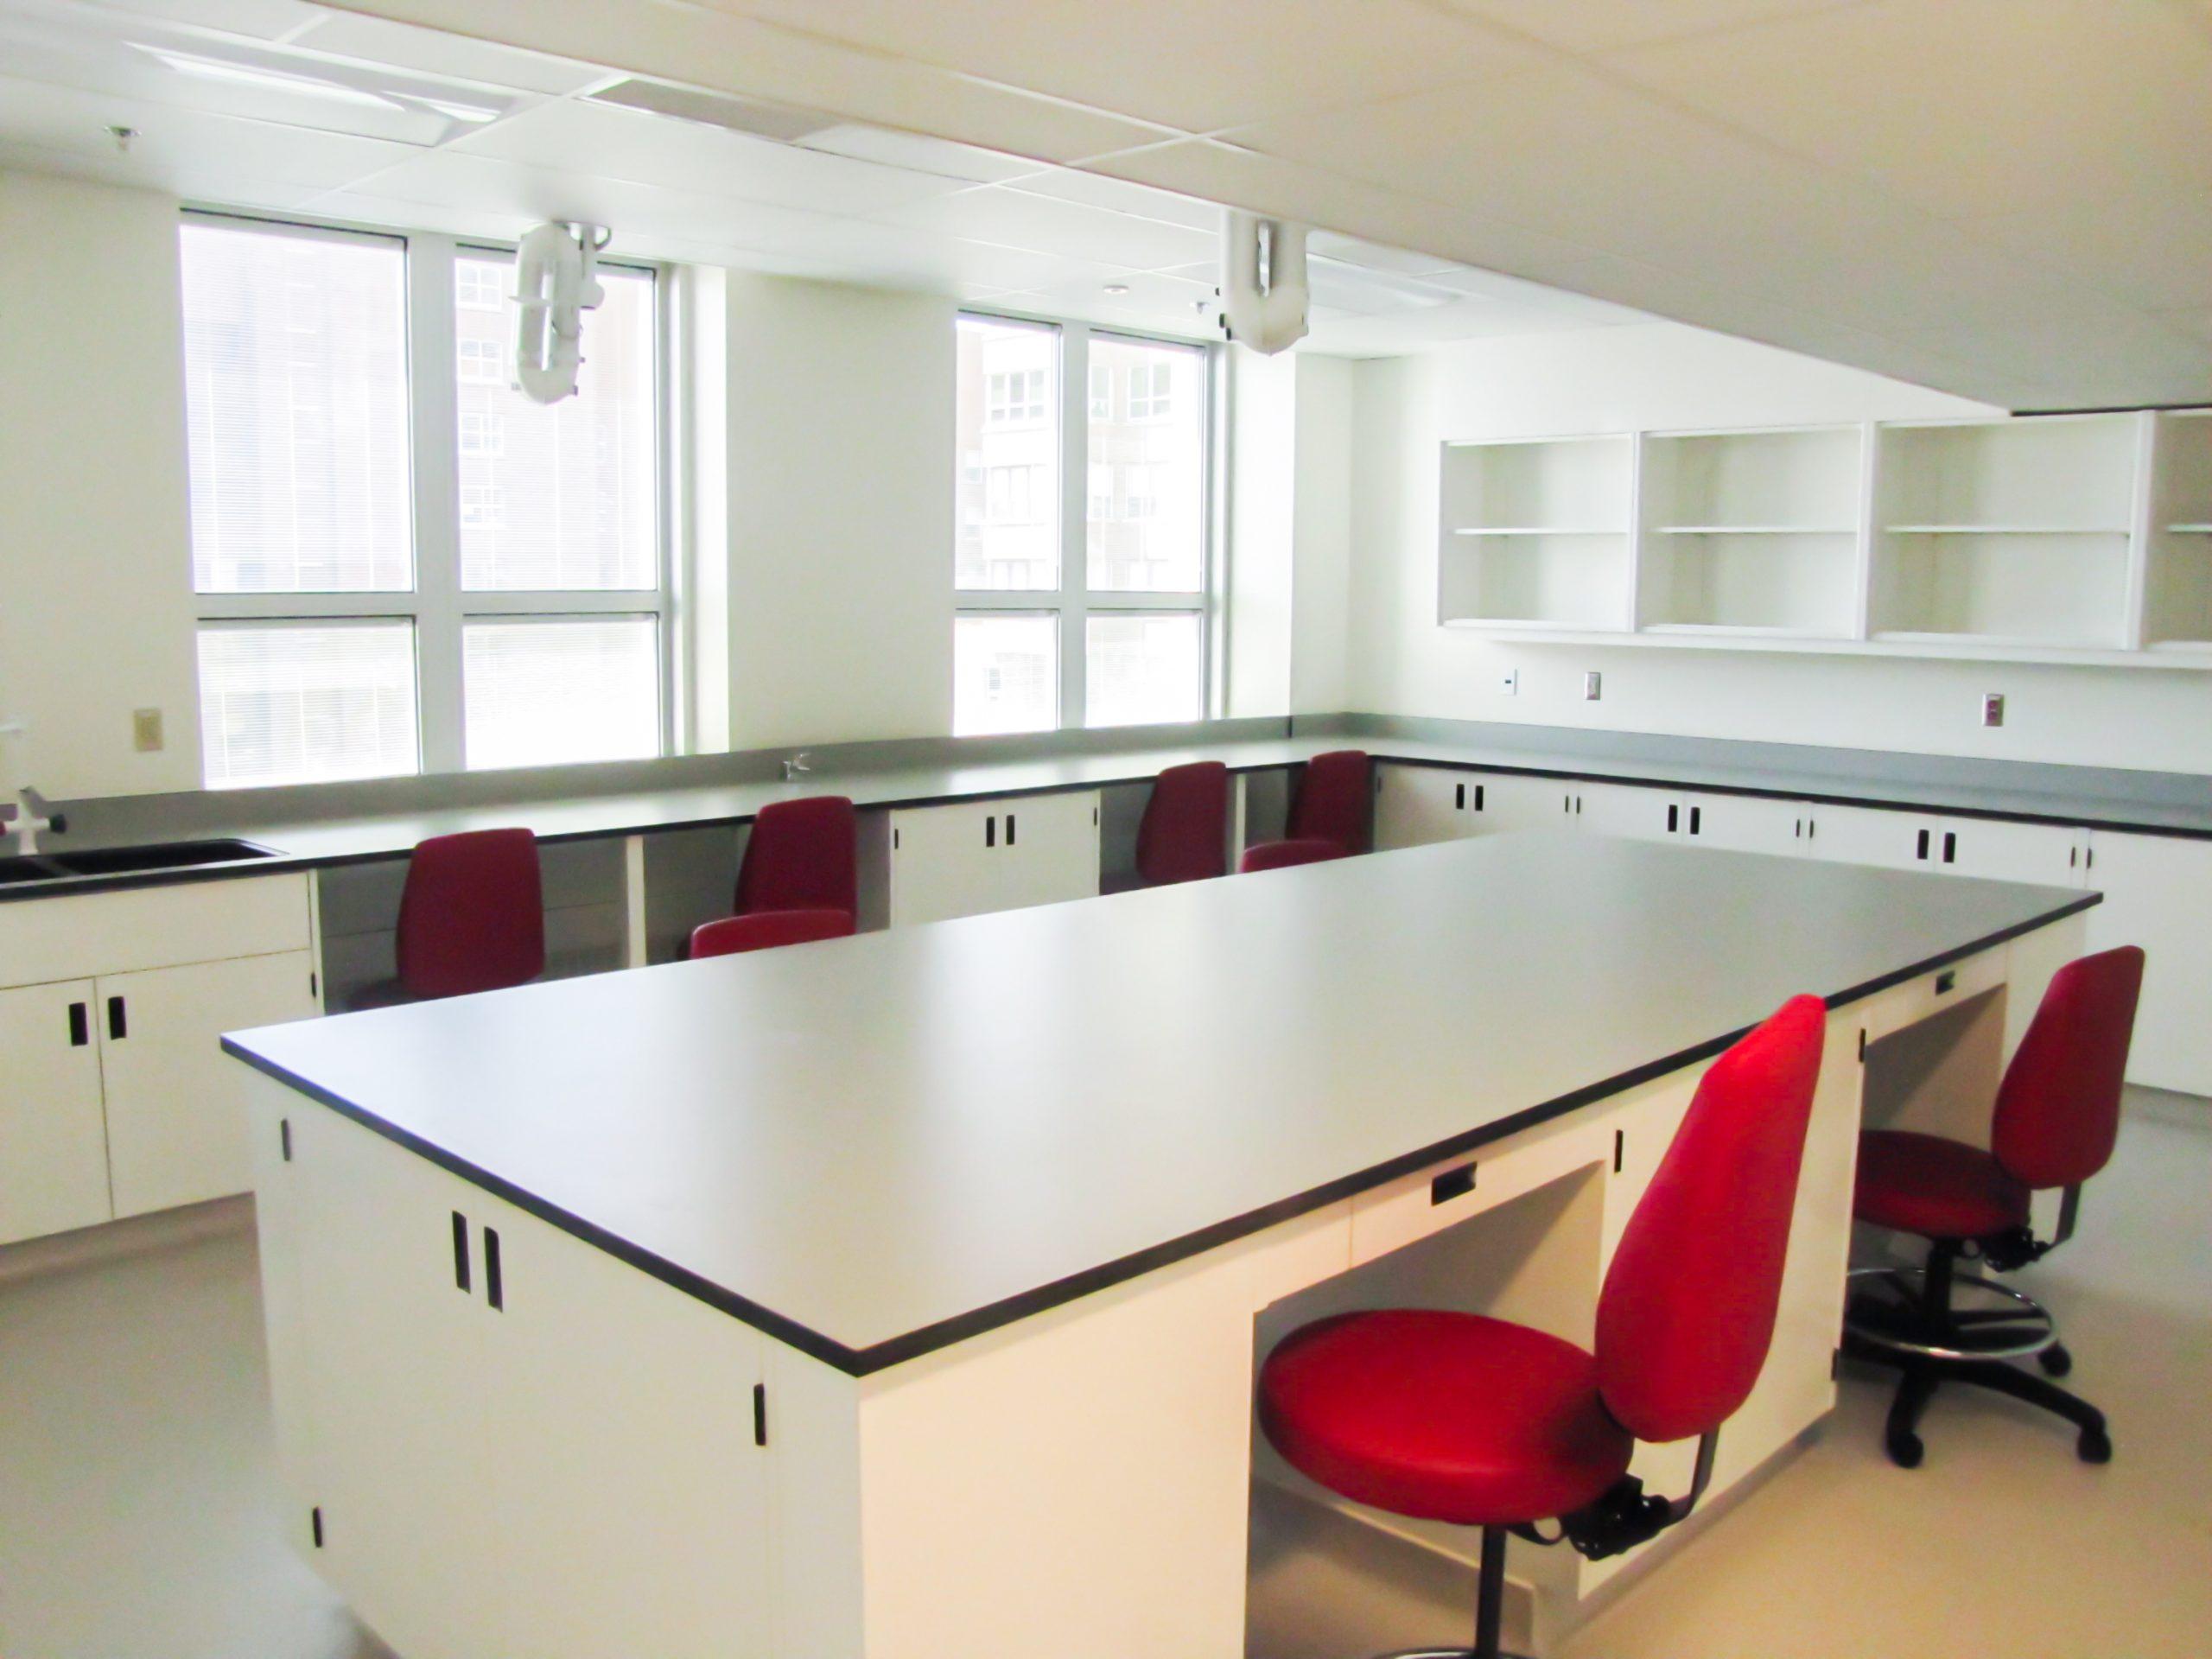 Laboratoire de la plateforme CLIP à l'Hôpital général de Montréal